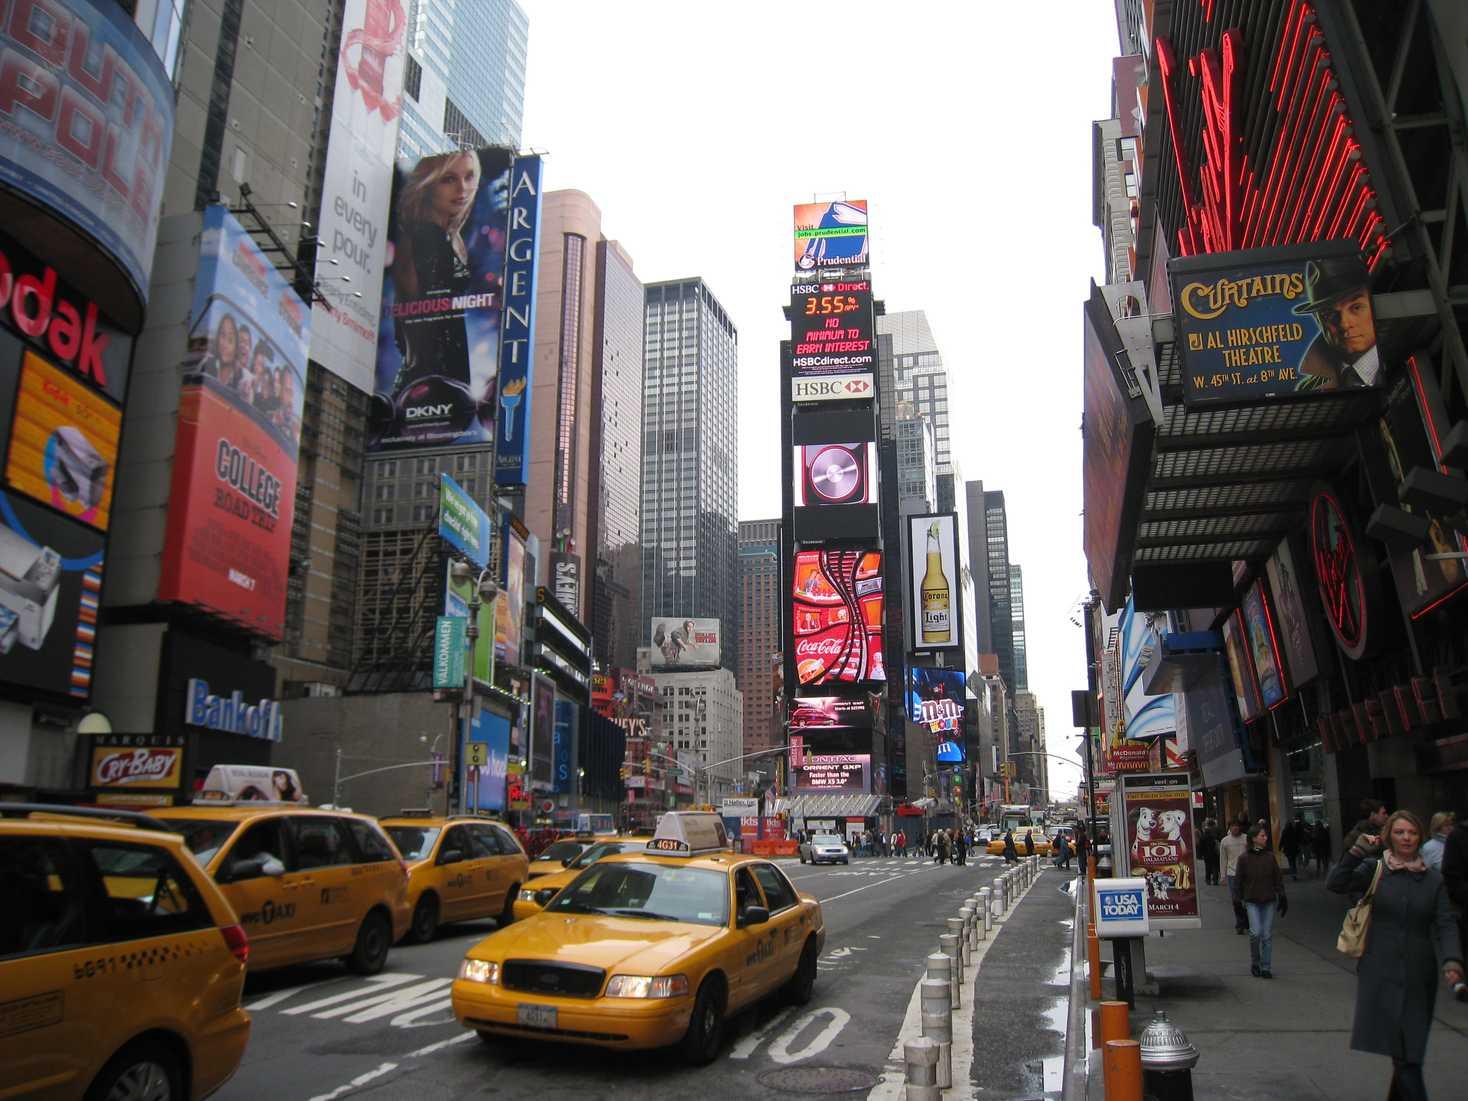 http://2.bp.blogspot.com/-EnkVuEg1_Qw/T79-HGZ95cI/AAAAAAAAAFs/yaTTHsrpUIY/s1600/new-york.jpg